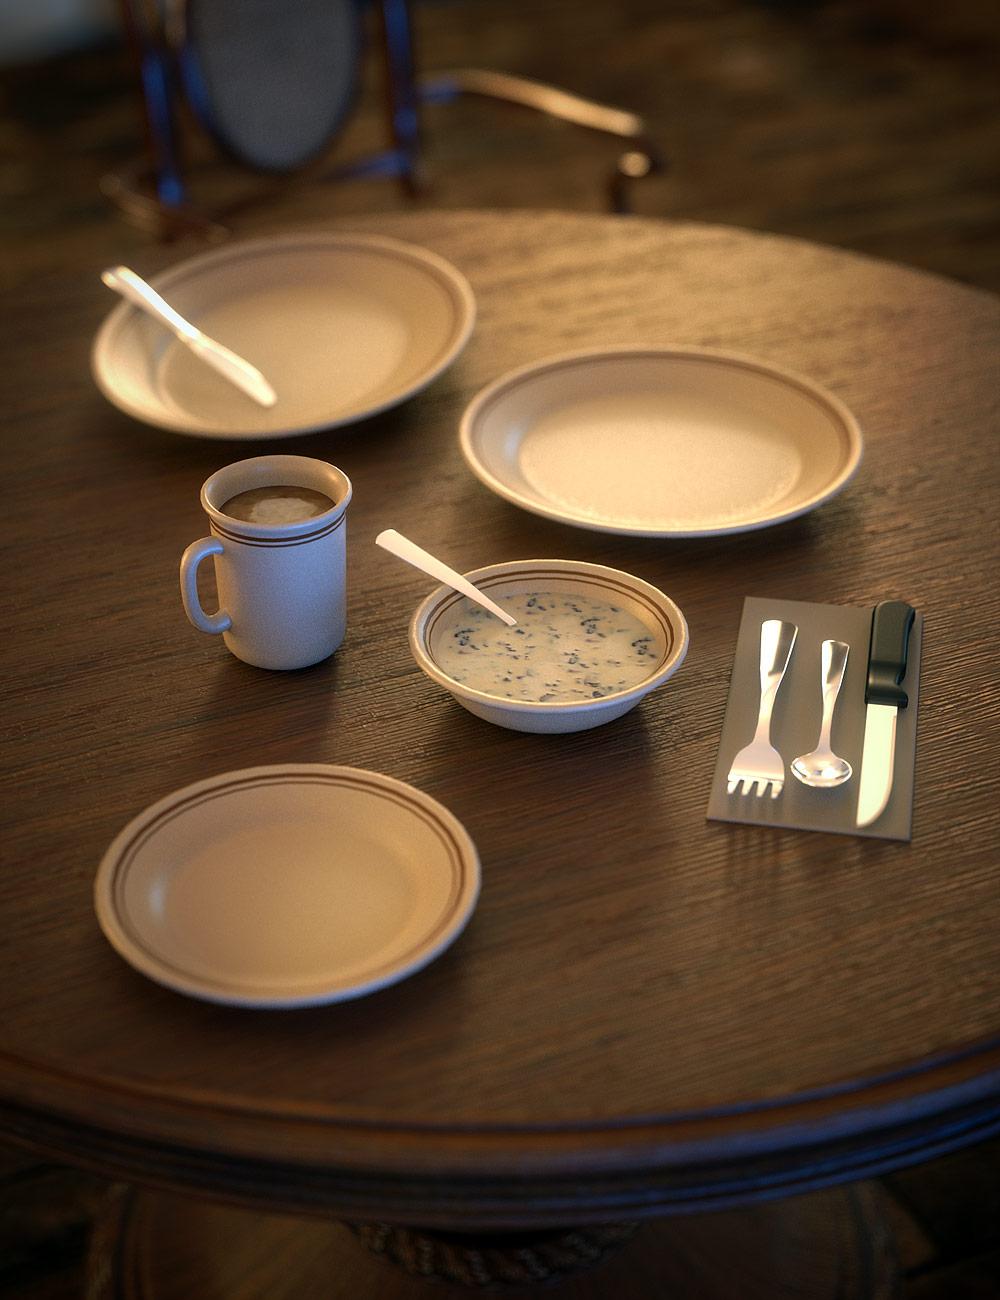 Diner Tableware by: blondie9999, 3D Models by Daz 3D